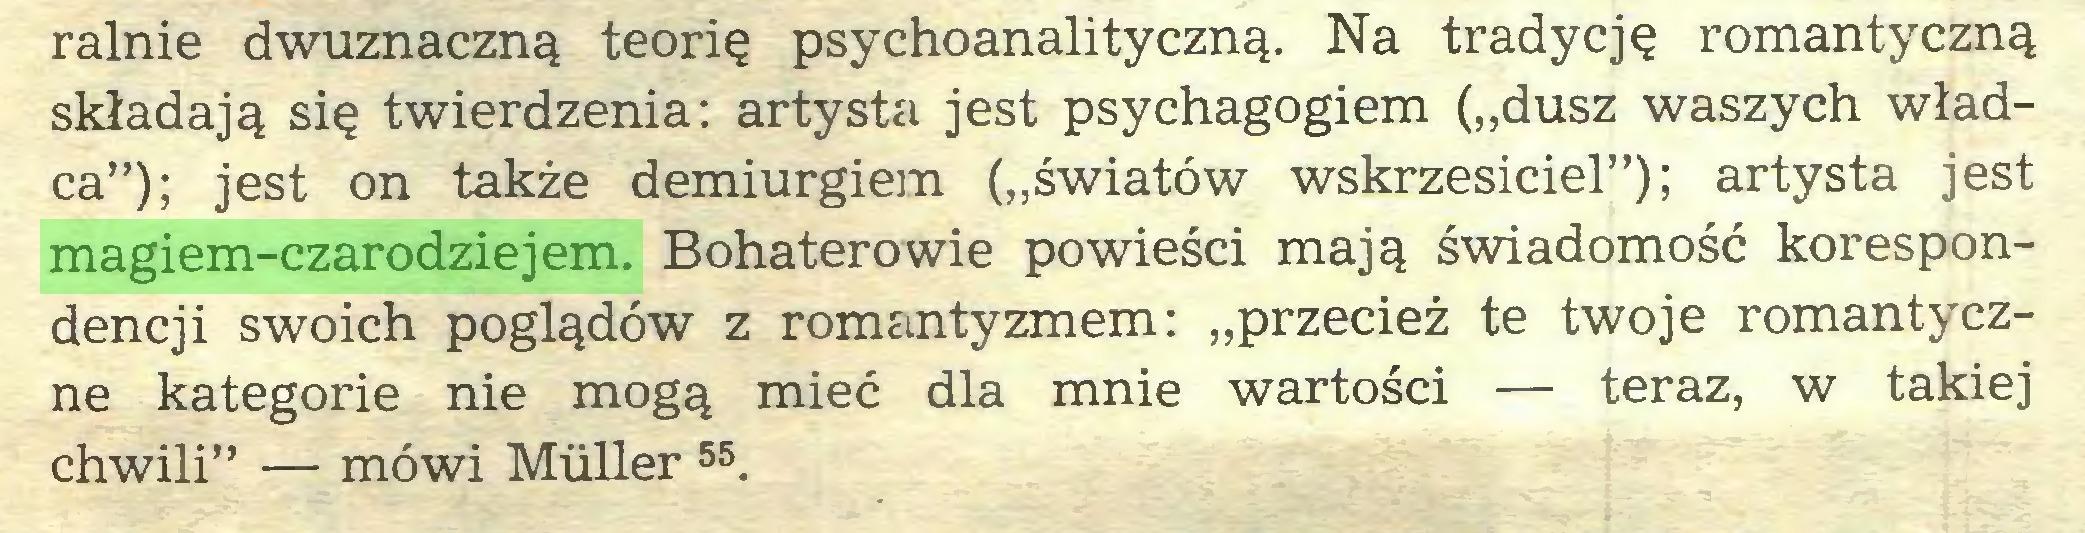 """(...) ralnie dwuznaczną teorię psychoanalityczną. Na tradycję romantyczną składają się twierdzenia: artysta jest psychagogiem (""""dusz waszych władca""""); jest on także demiurgiem (""""światów wskrzesiciel""""); artysta jest magiem-czarodziejem. Bohaterowie powieści mają świadomość korespondencji swoich poglądów z romantyzmem: """"przecież te twoje romantyczne kategorie nie mogą mieć dla mnie wartości — teraz, w takiej chwili"""" — mówi Müller 55..."""